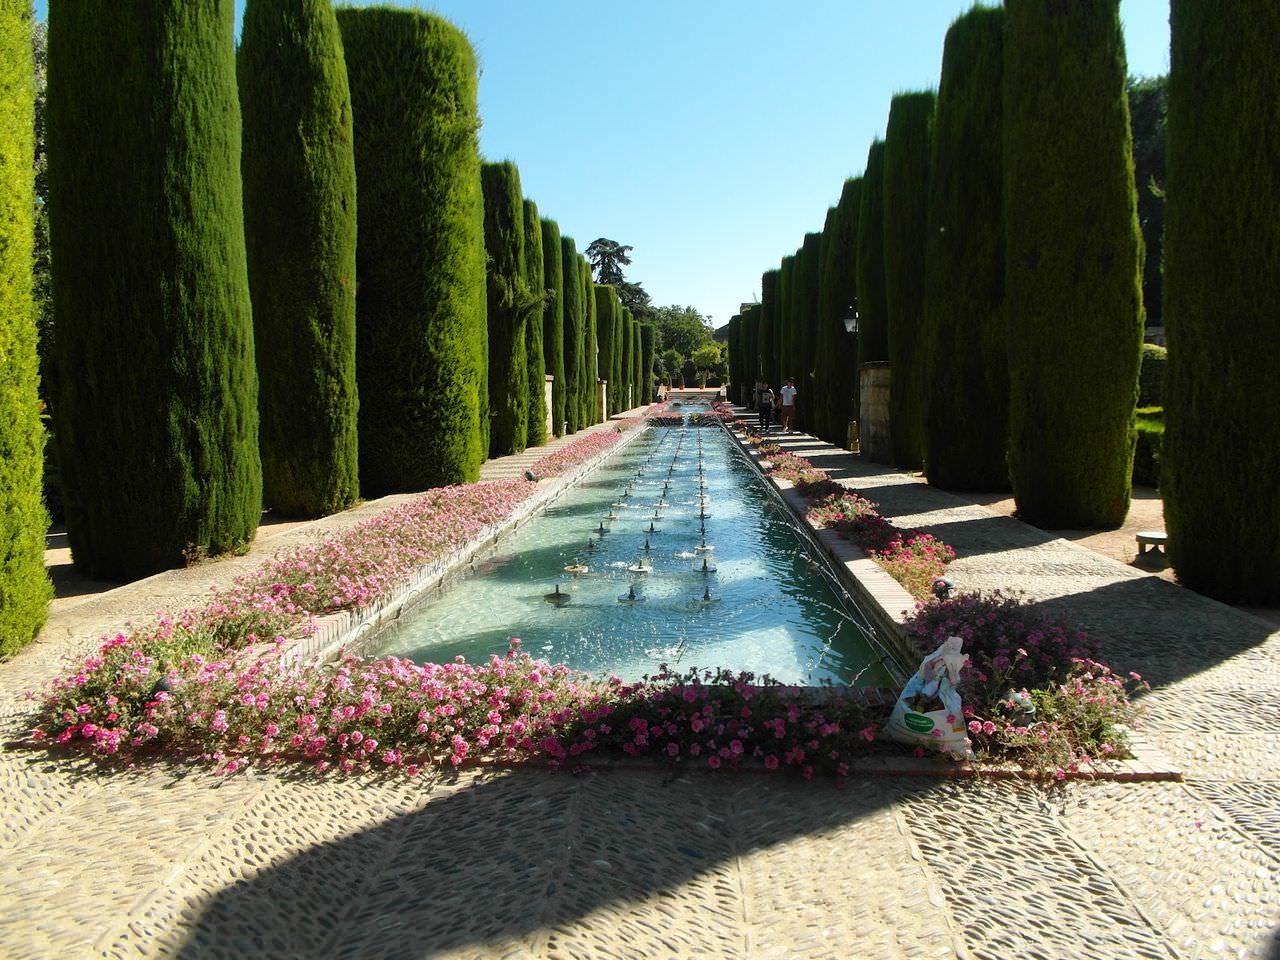 сады замка Алькасар в Сеговии, Испания